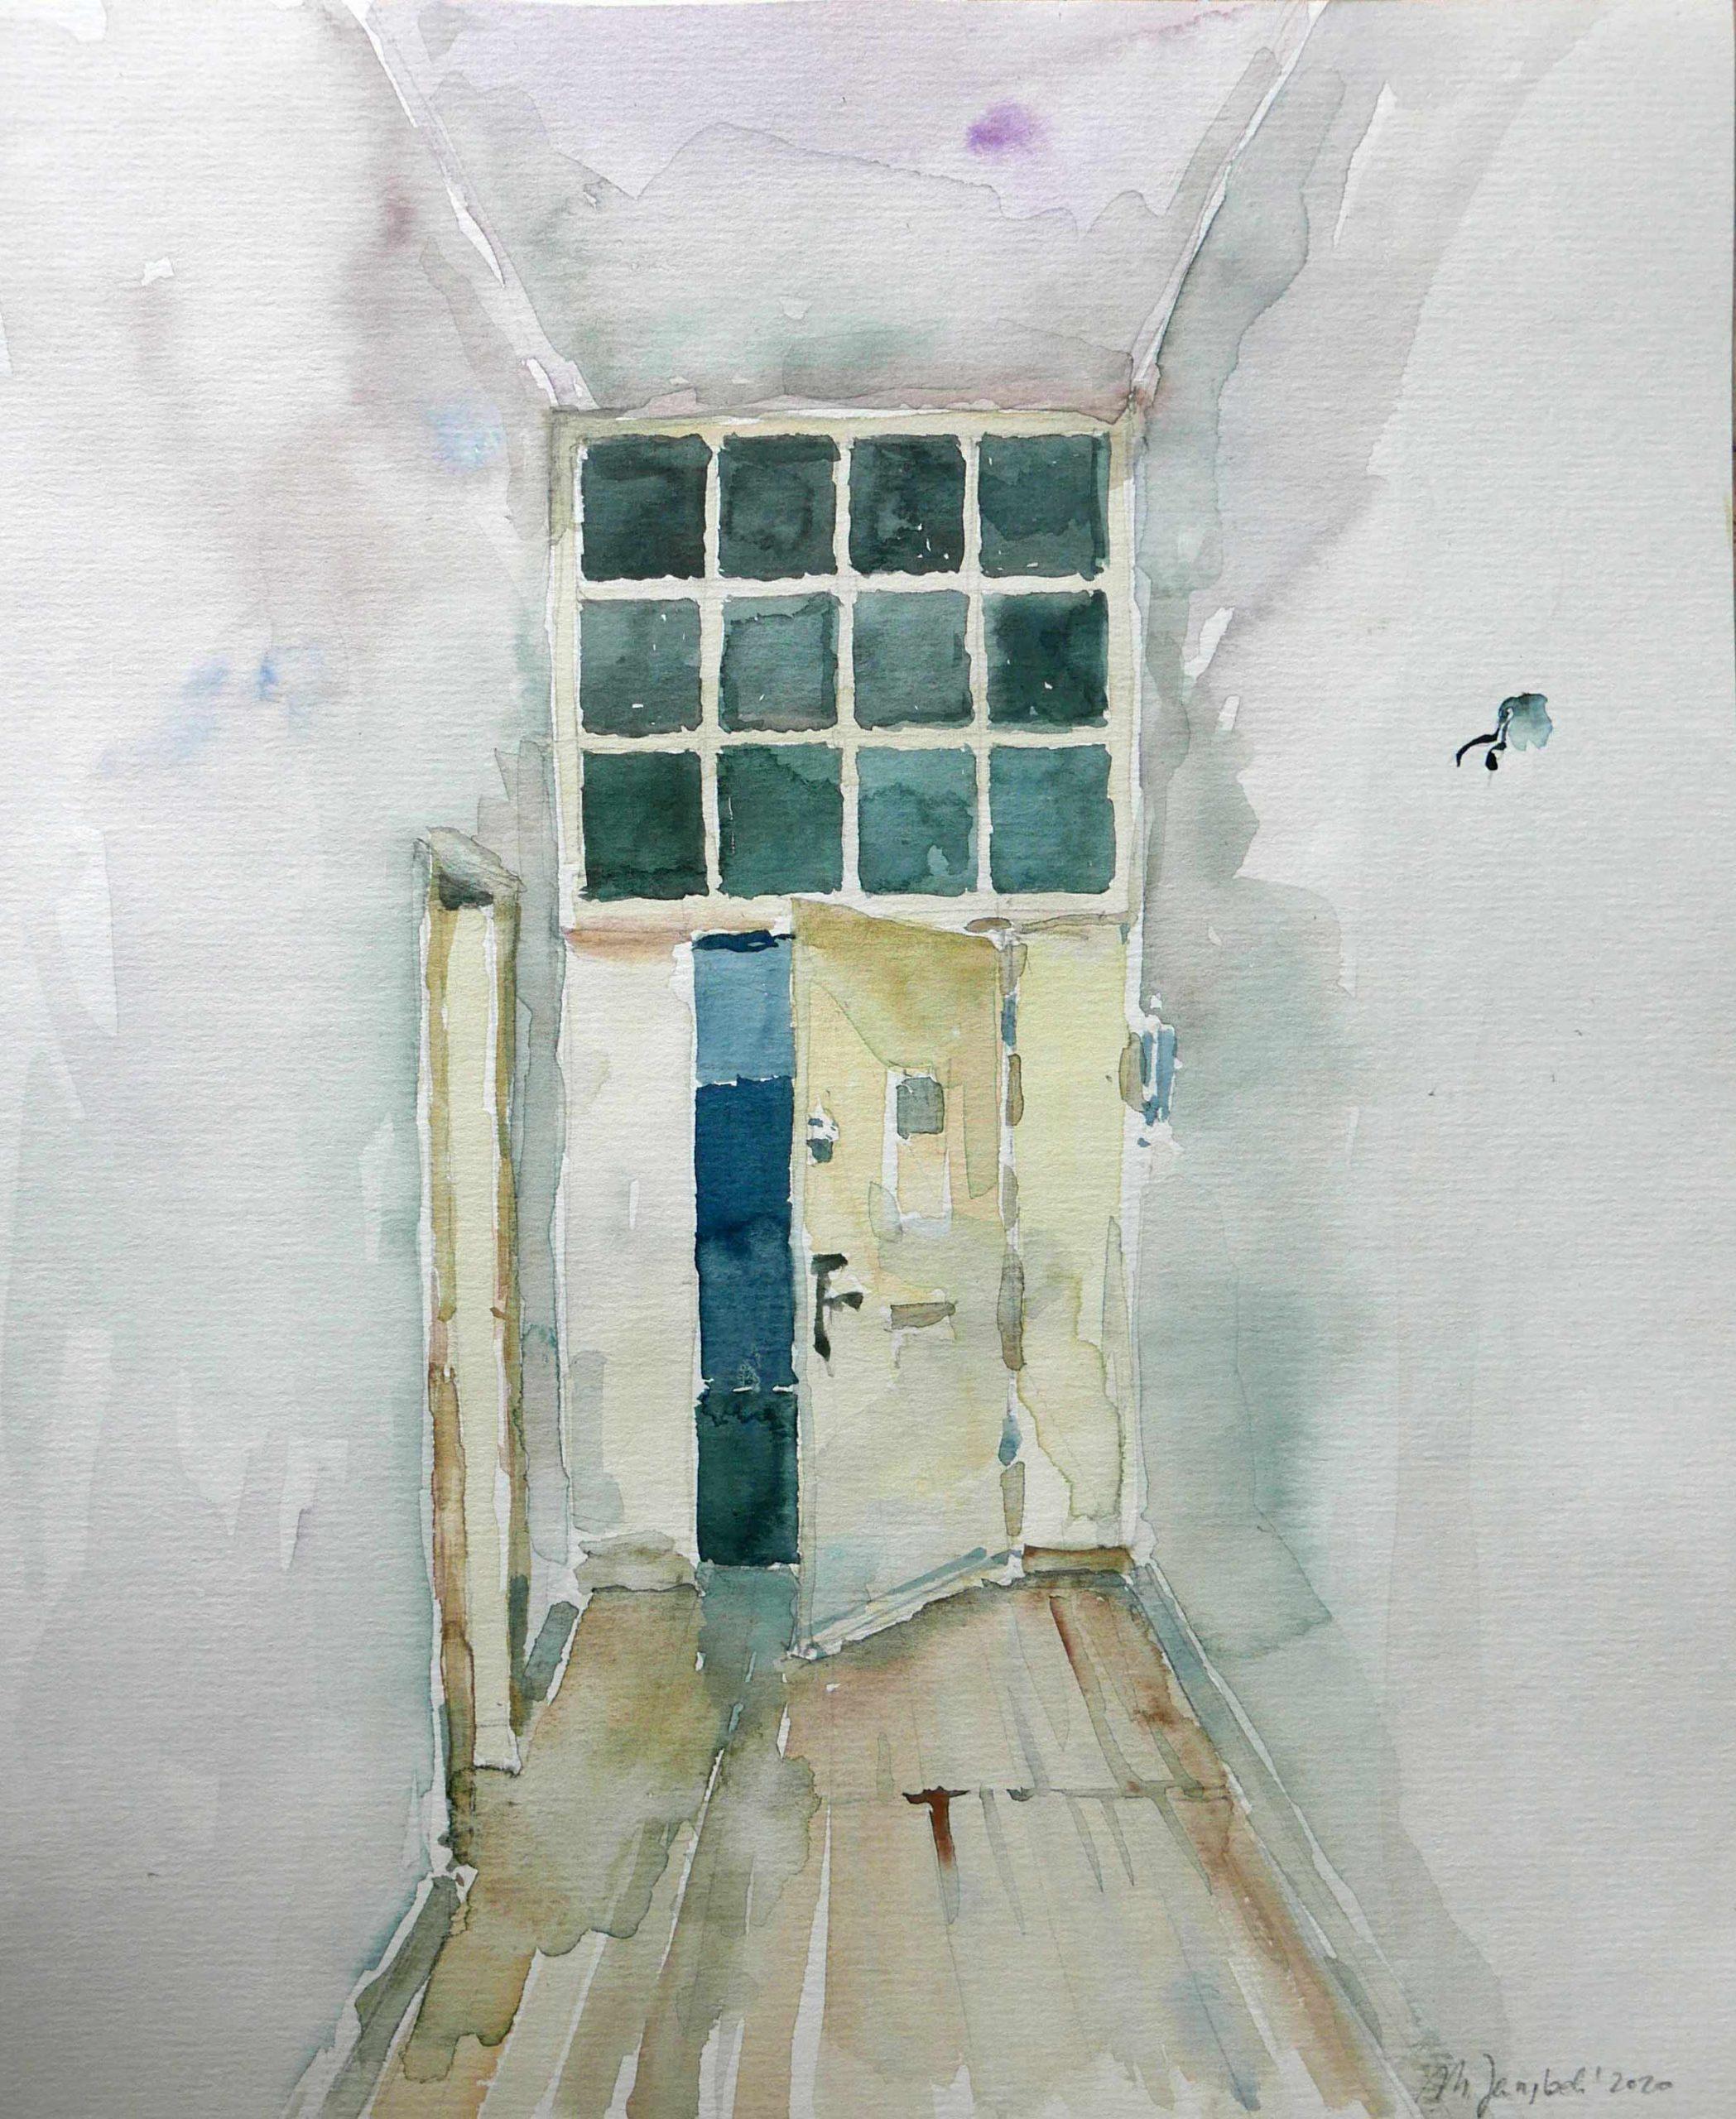 Aquarell Wohnungsbesichtigung Flur mit offerner Tür